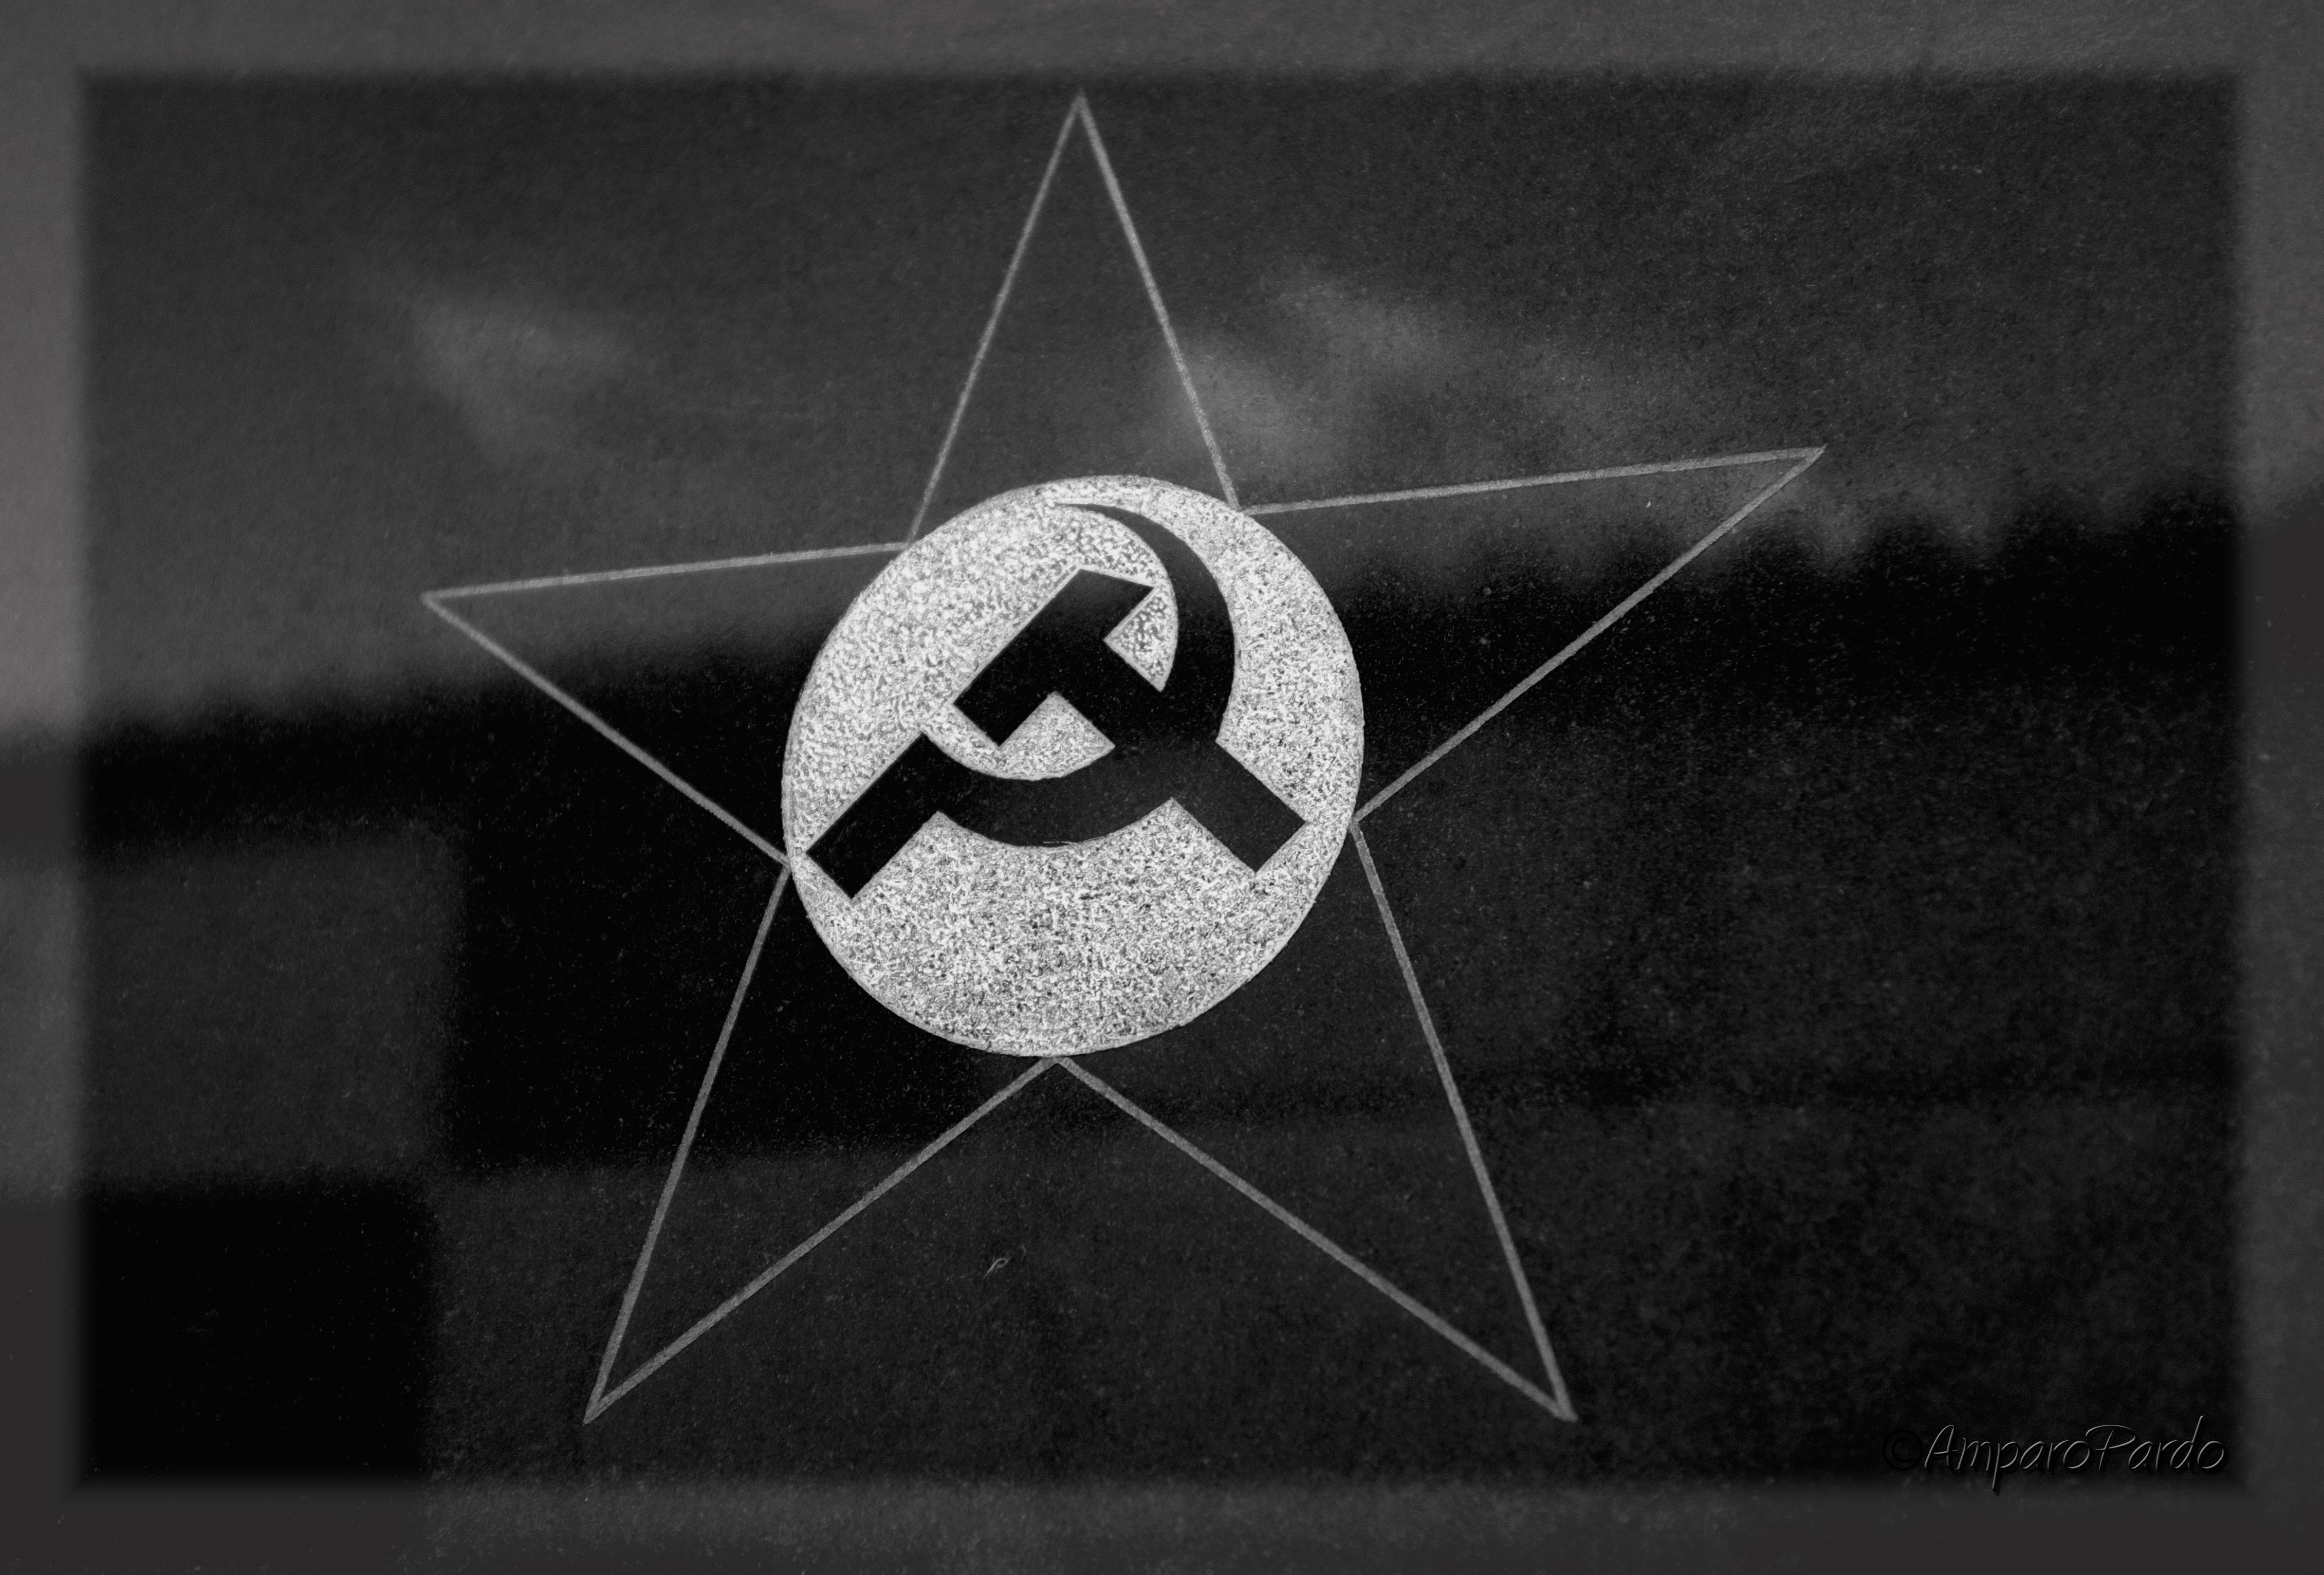 simbolismo político